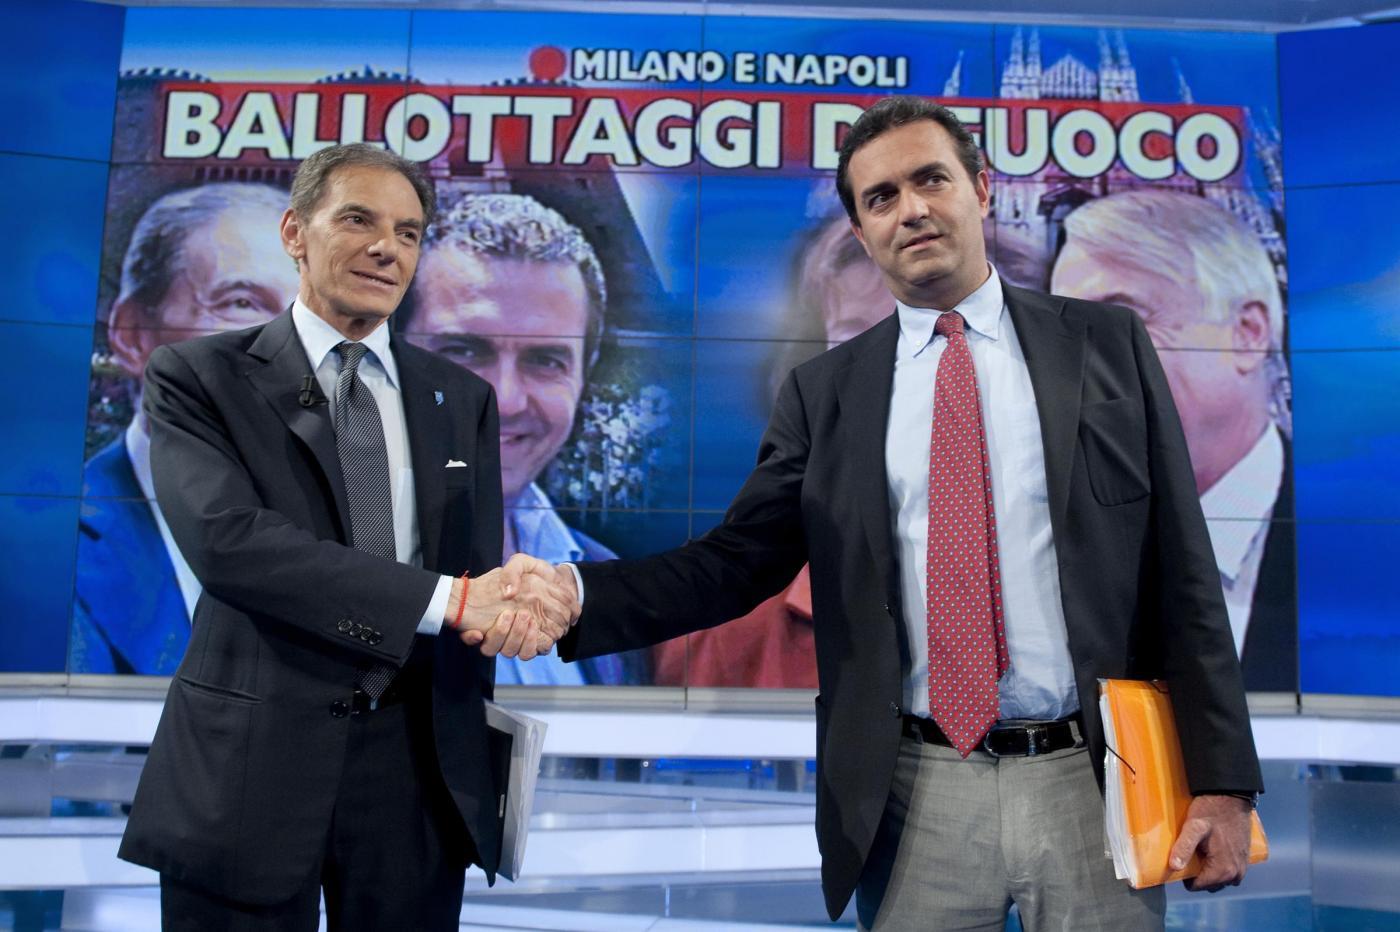 Ballottaggio 2016 Napoli, De Magistris e Lettieri: i programmi a confronto